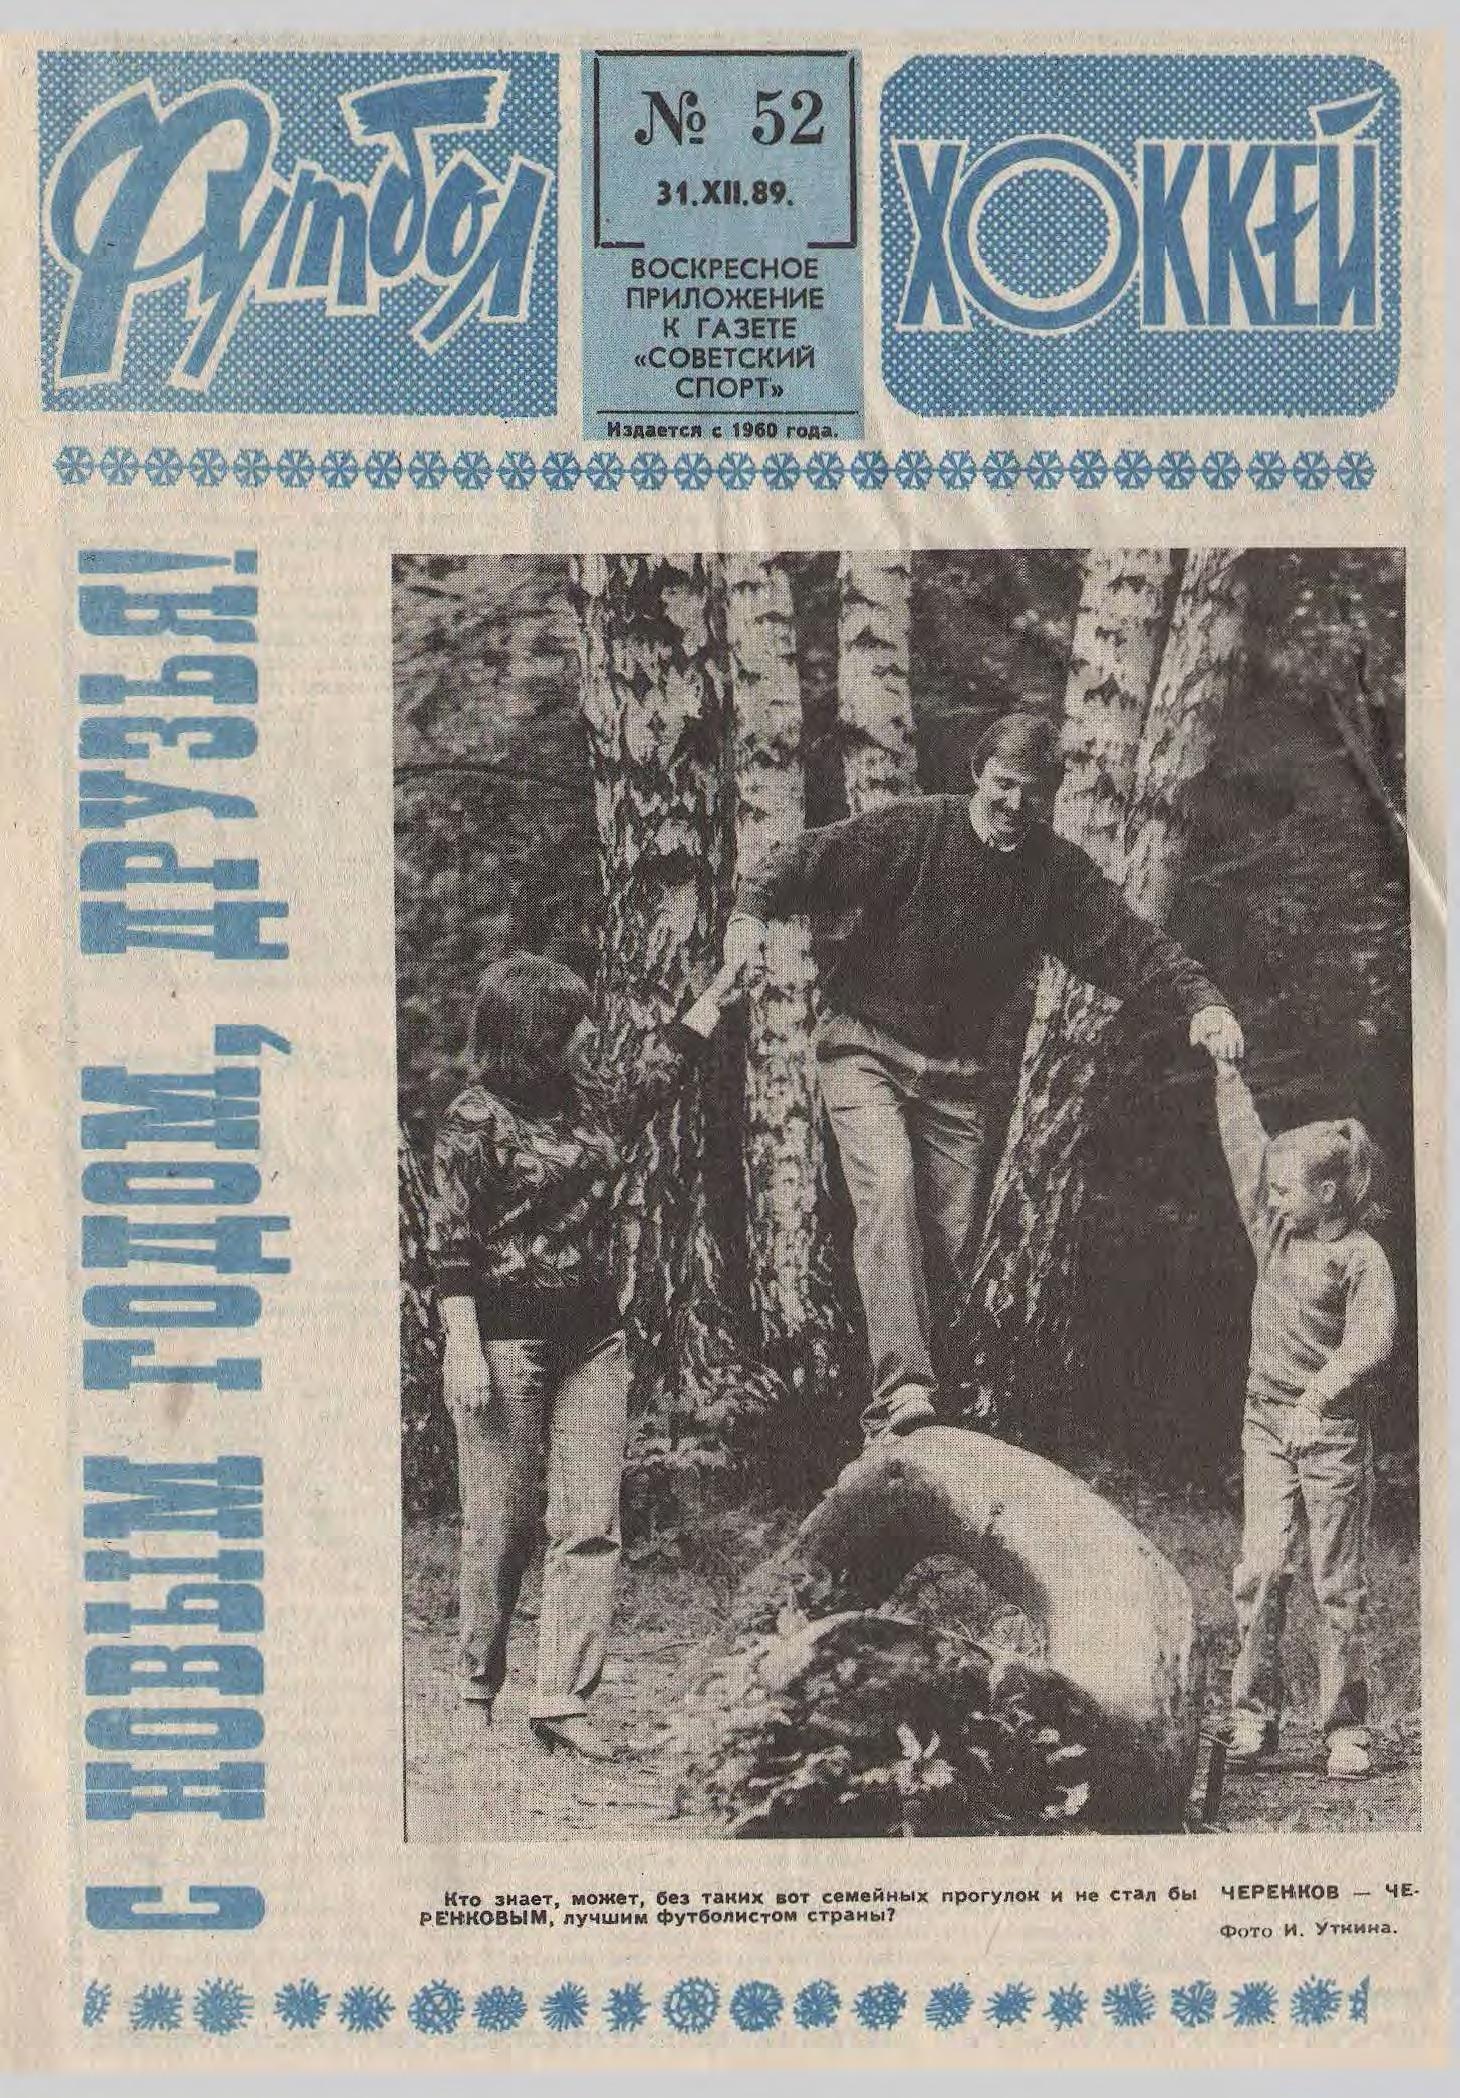 «Спартак» – чемпион, побег Могильного в США, Черчесов заменил Дасаева. 1989 год в обложках еженедельника «Футбол»